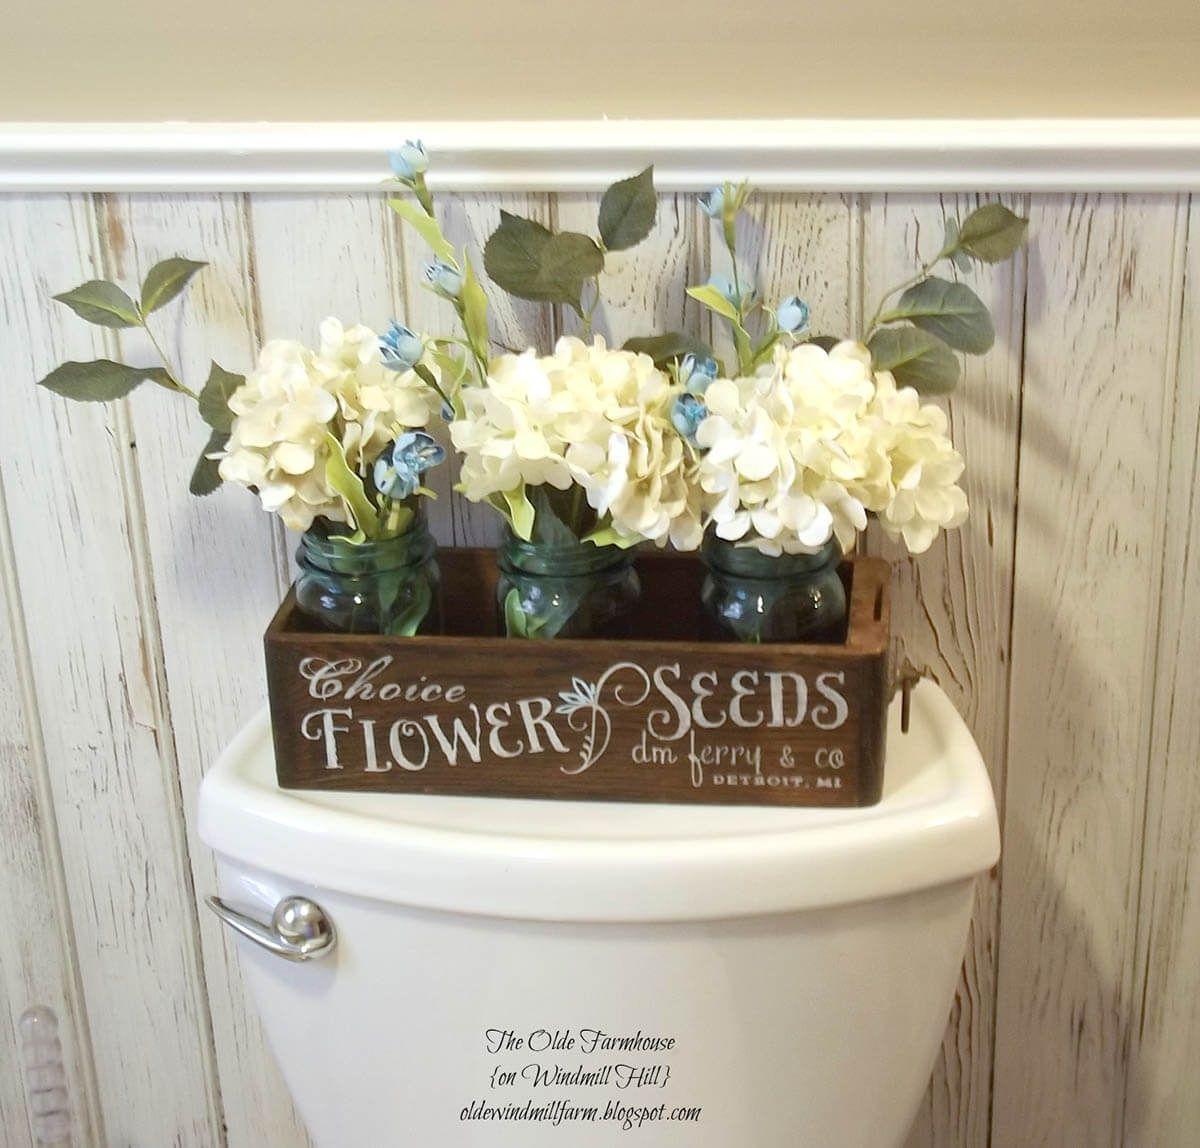 Badezimmer ideen bauernhaus  schöne bauernhaus badezimmer design und dekor ideen die sie